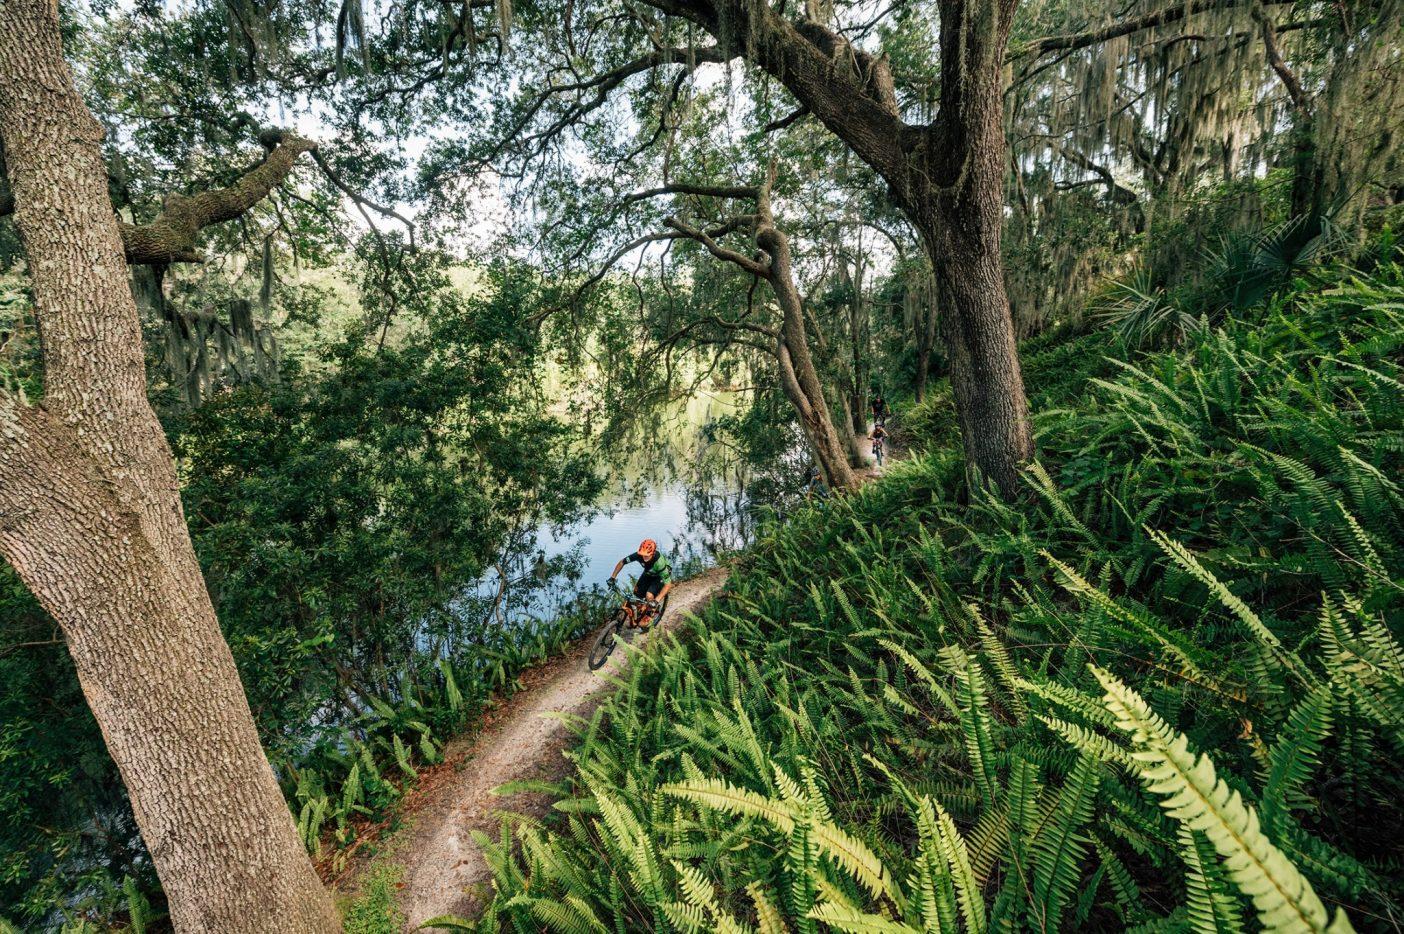 ロイス・E・ハープ公園の中で最も挑戦的なトレイルのいくつかは「フィンガーズ」と呼ばれ、ワニがうようよする水に三方を囲まれている。この写真は「フィンガーズ」の戻りのトレイルひとつで湖畔をクルージングする〈リッジ・ライダーズ〉のトレイル責任者スティーブ・スポング。Photo : Nathalie DuPré